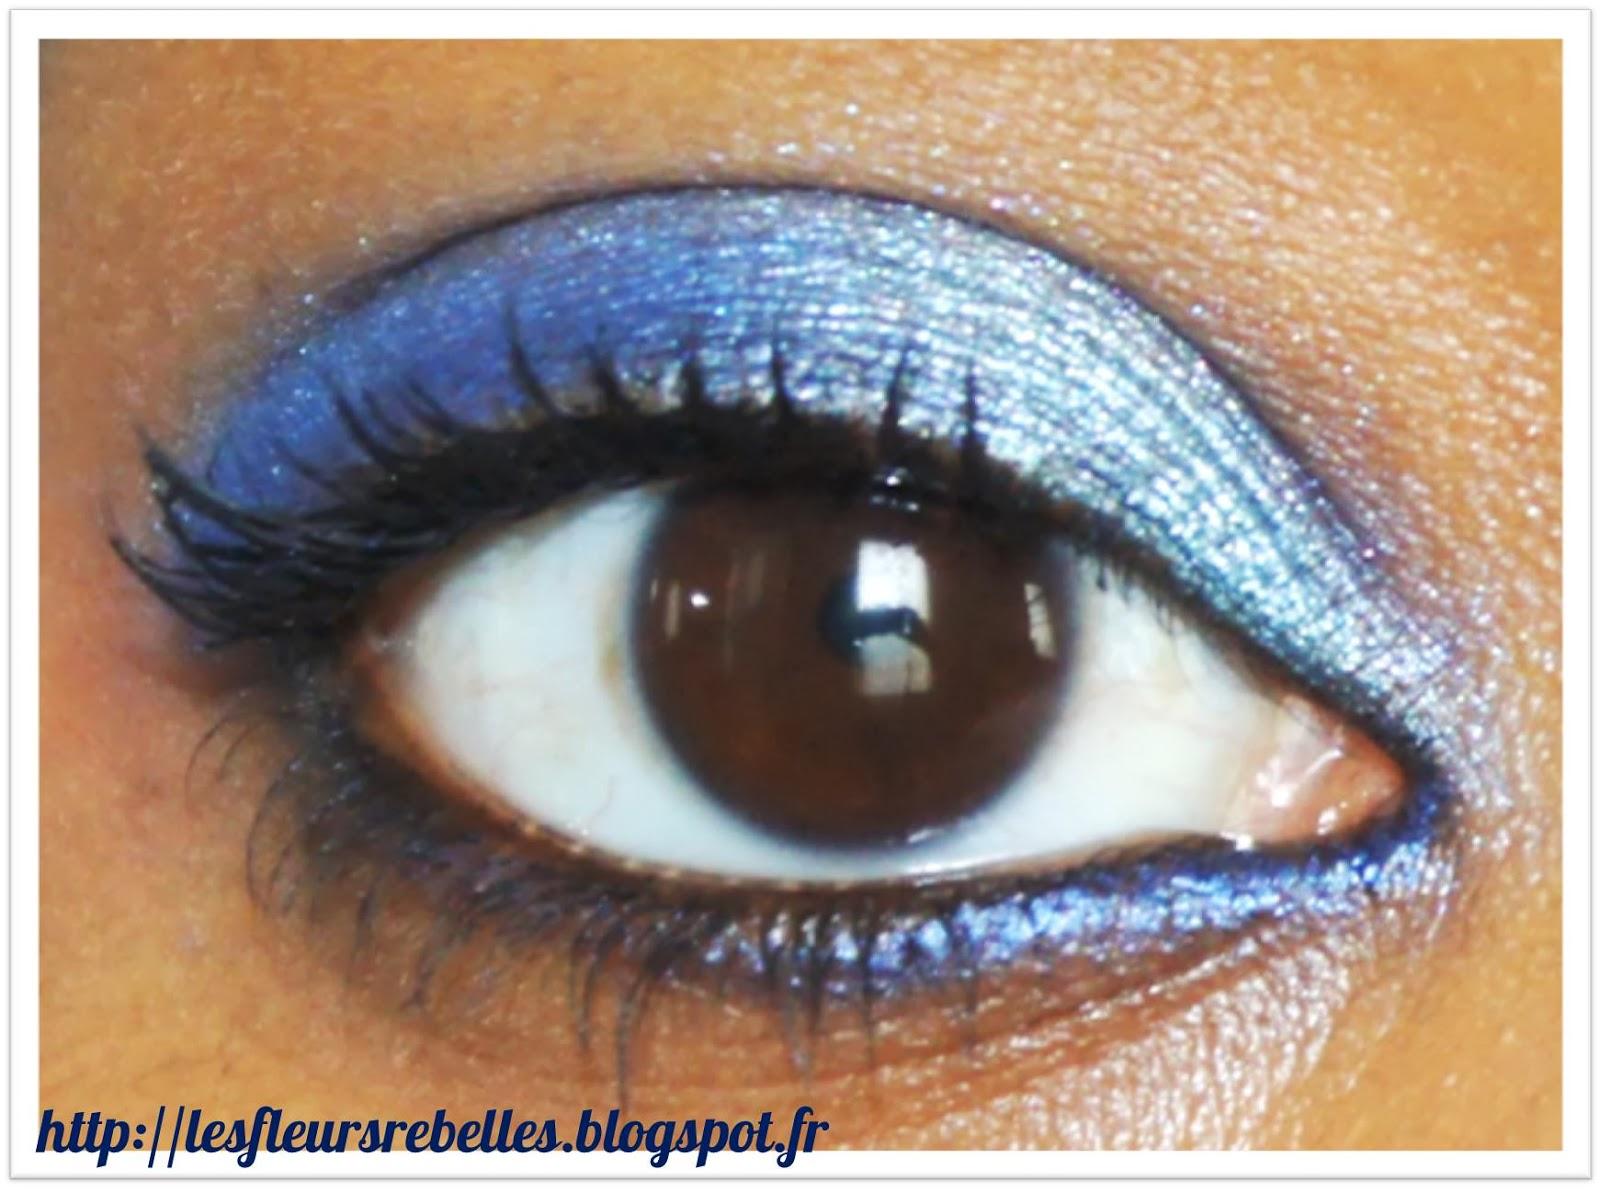 Les fleurs rebelles blog lifestyle diy un maquillage bleu lagon pour mes yeux marron - Maquillage bleu yeux marrons ...